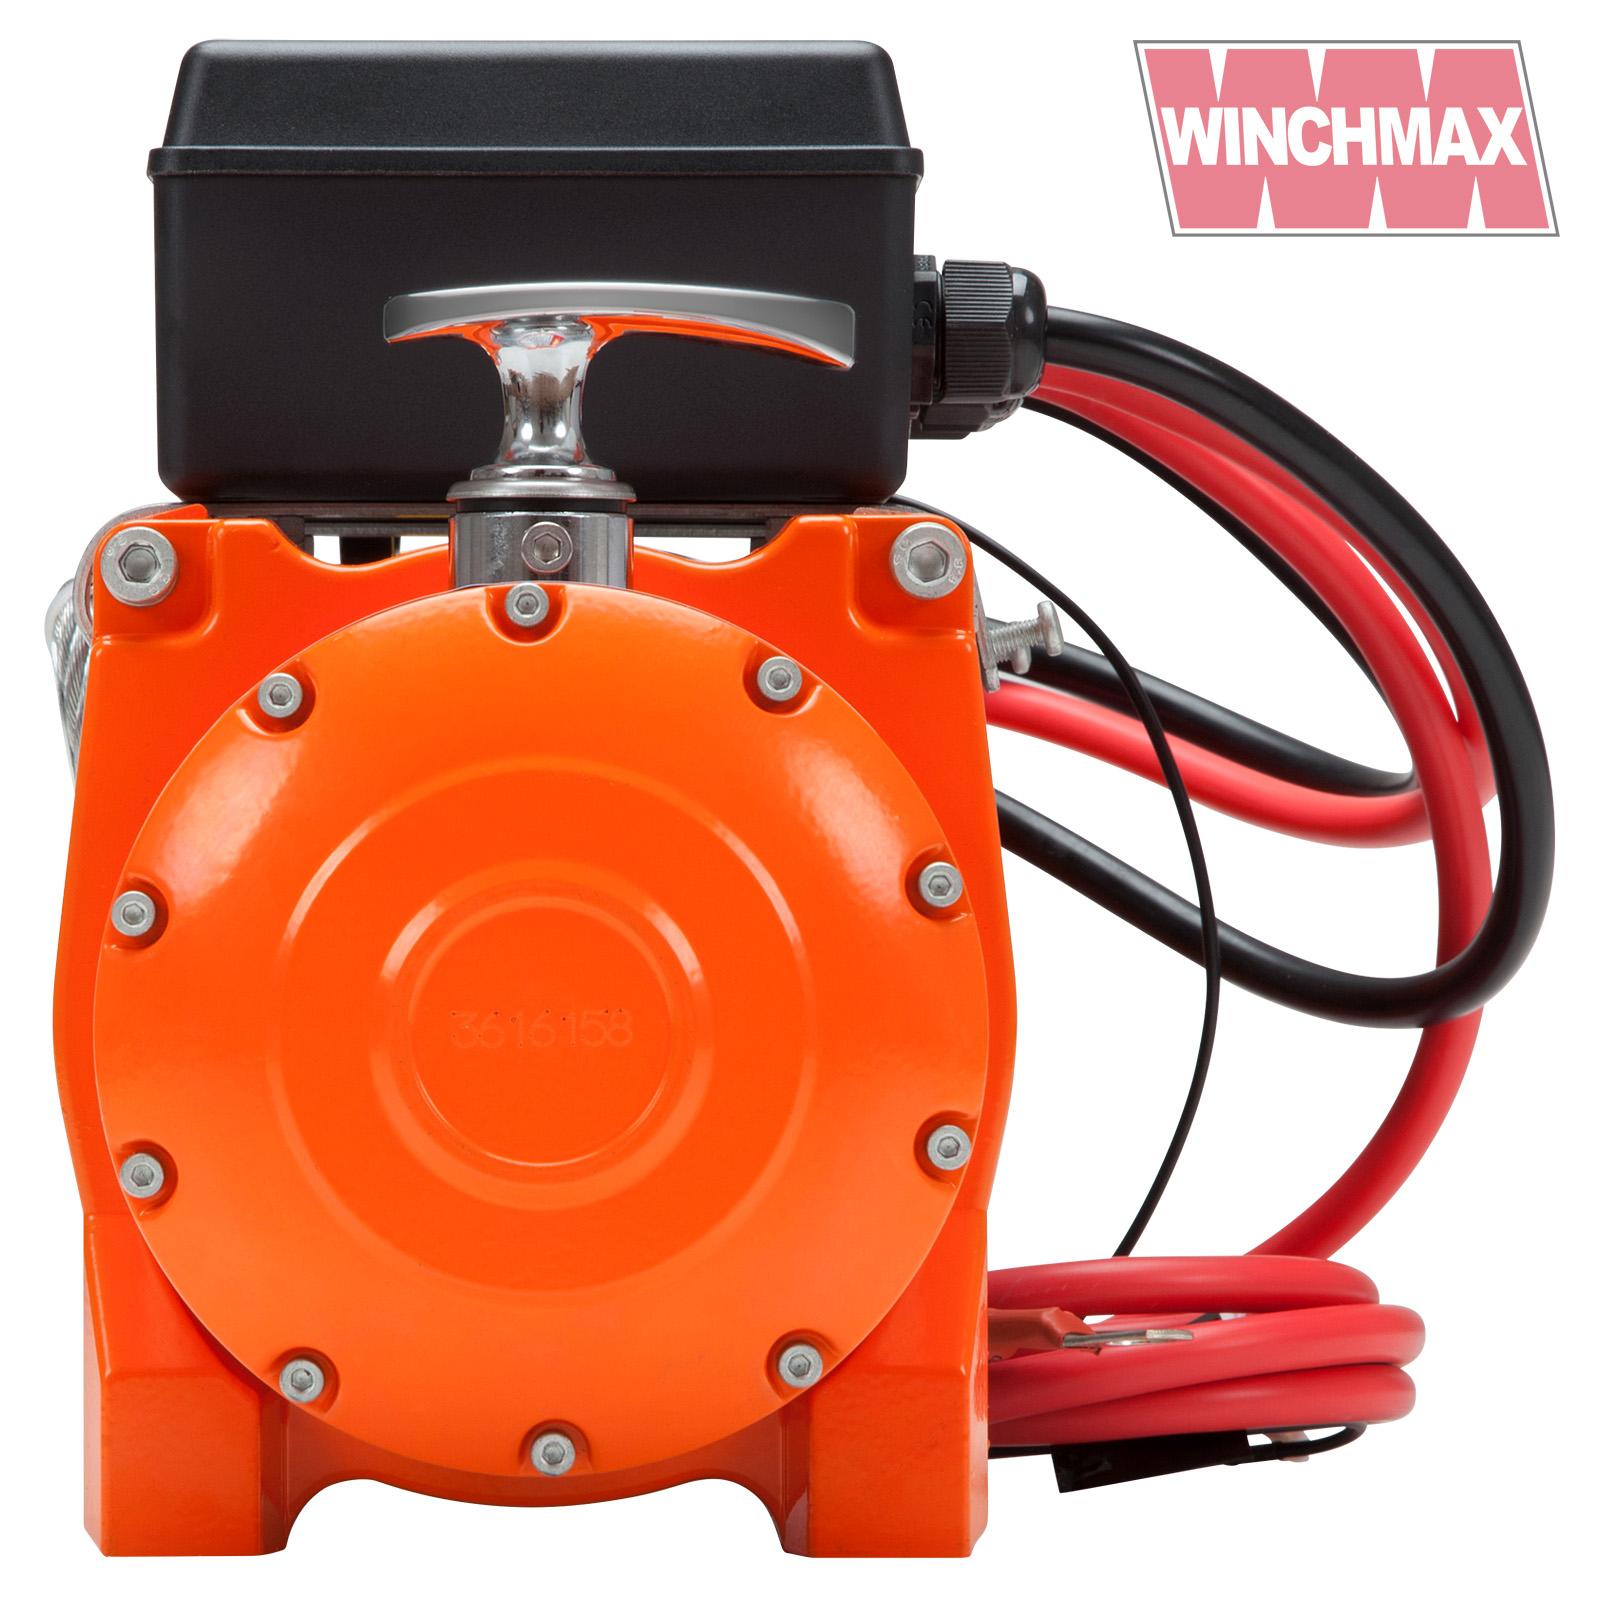 Wm1350012v winchmax 535